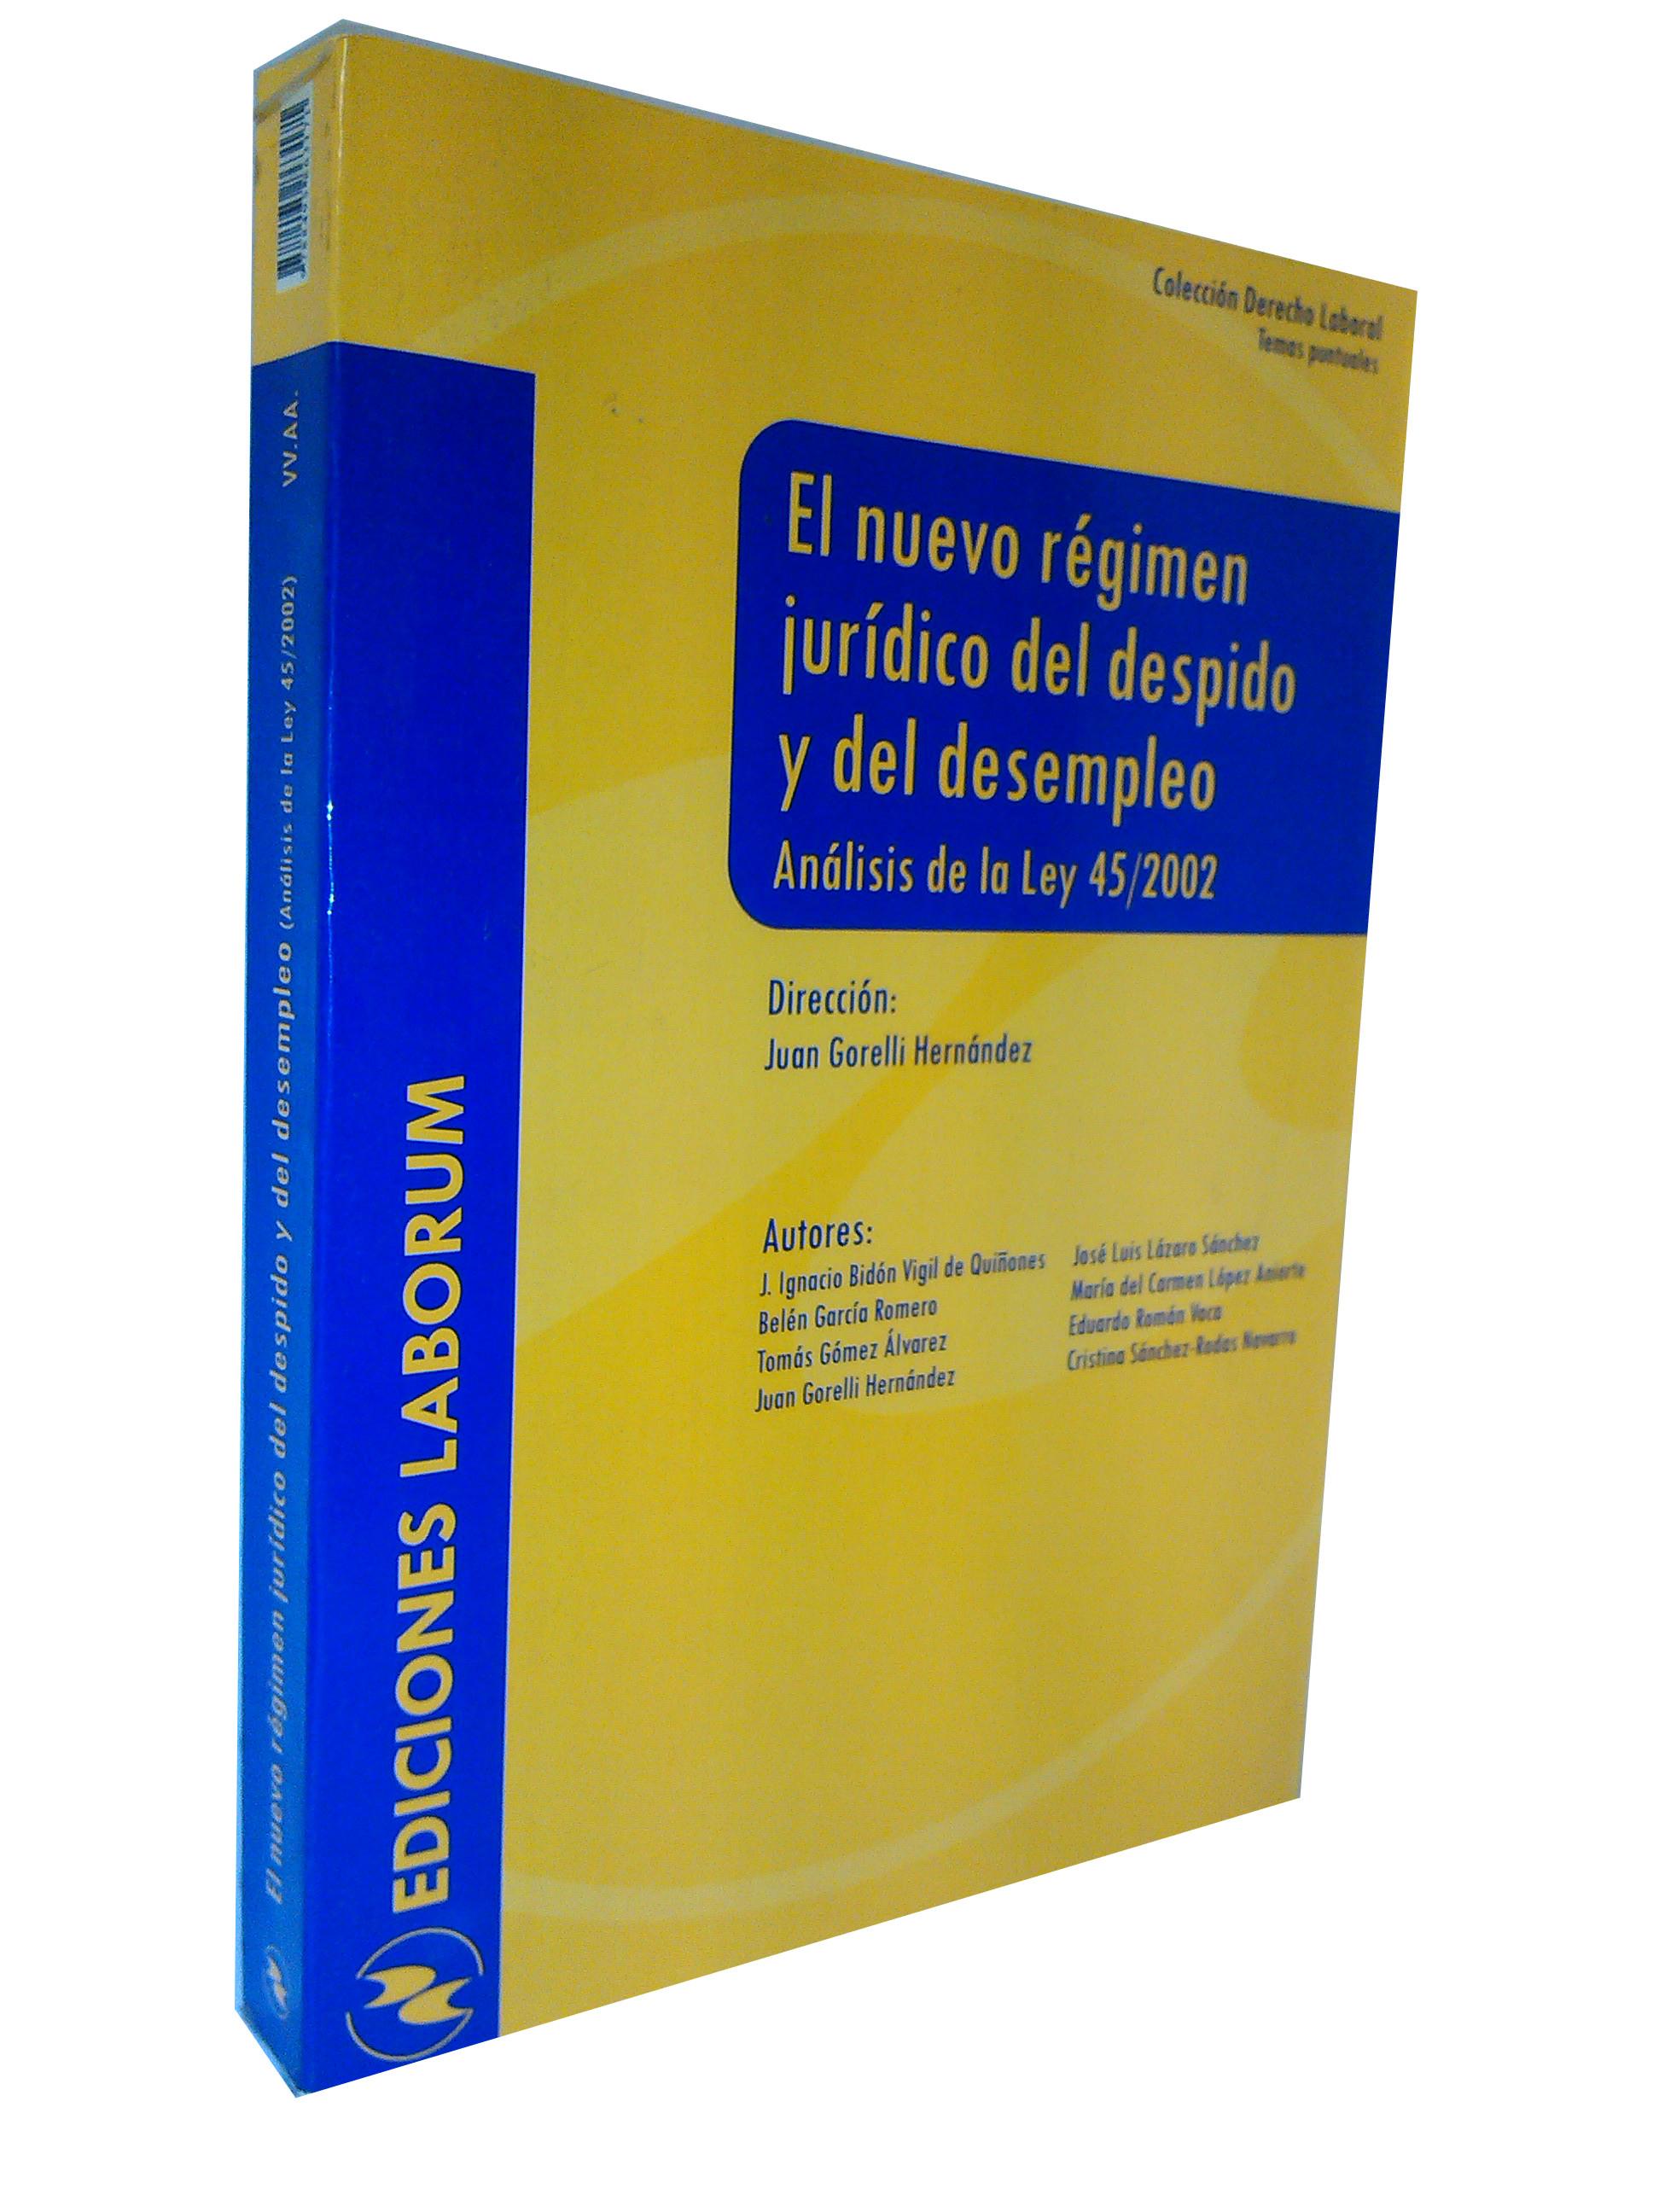 El nuevo régimen jurídico del despido y del desempleo – Análisis de la Ley 45/2002